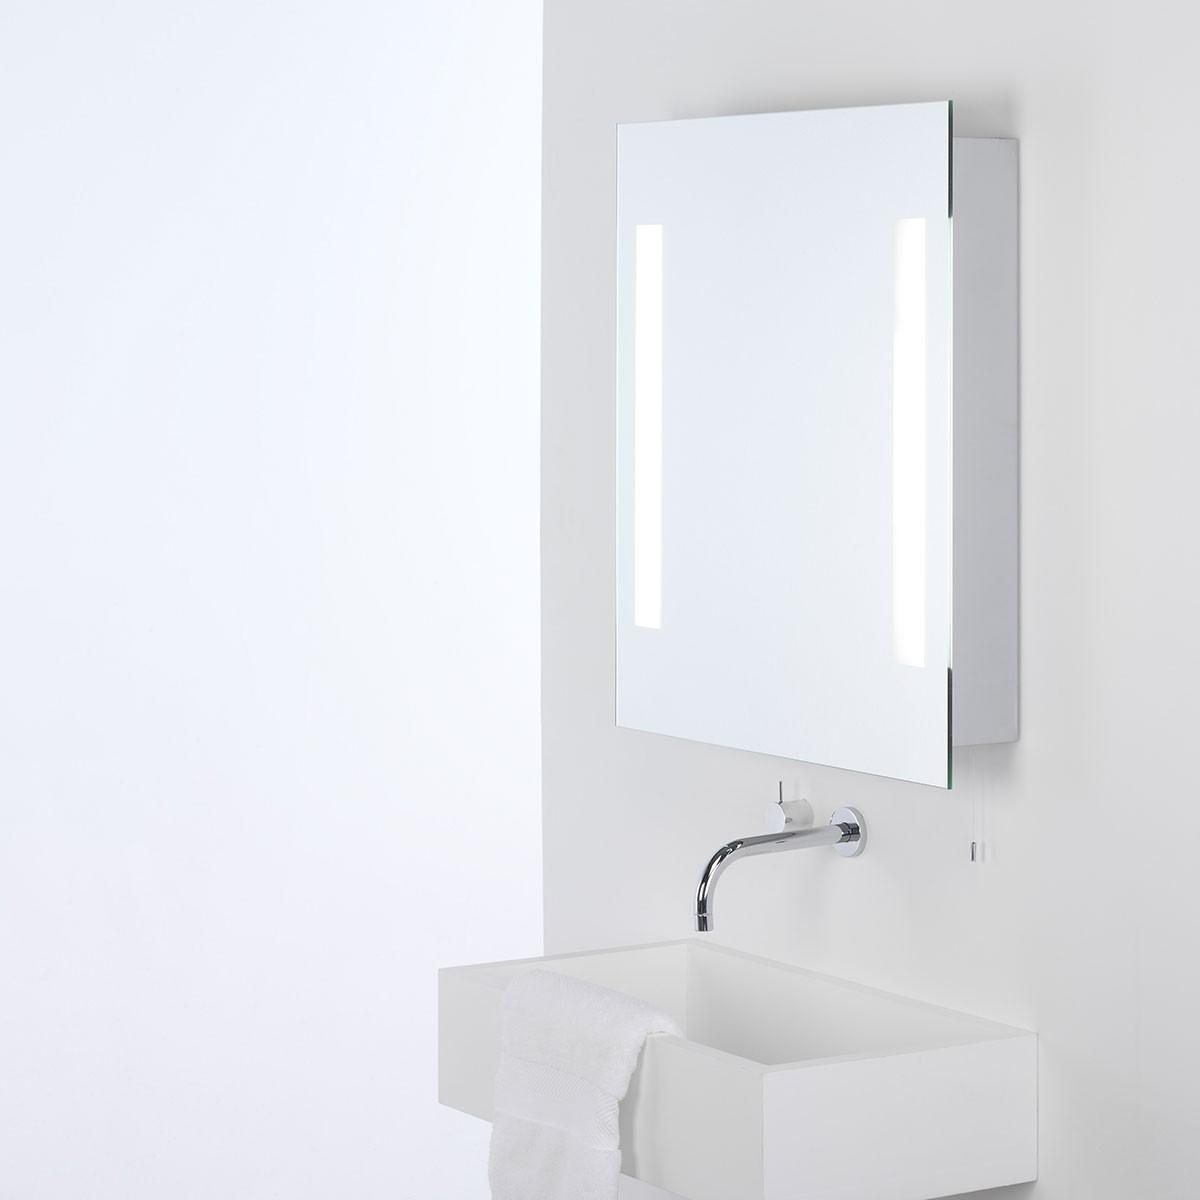 Bathroom Mirror Lights Uk: Astro Livorno Painted Silver Bathroom Mirror Light At UK